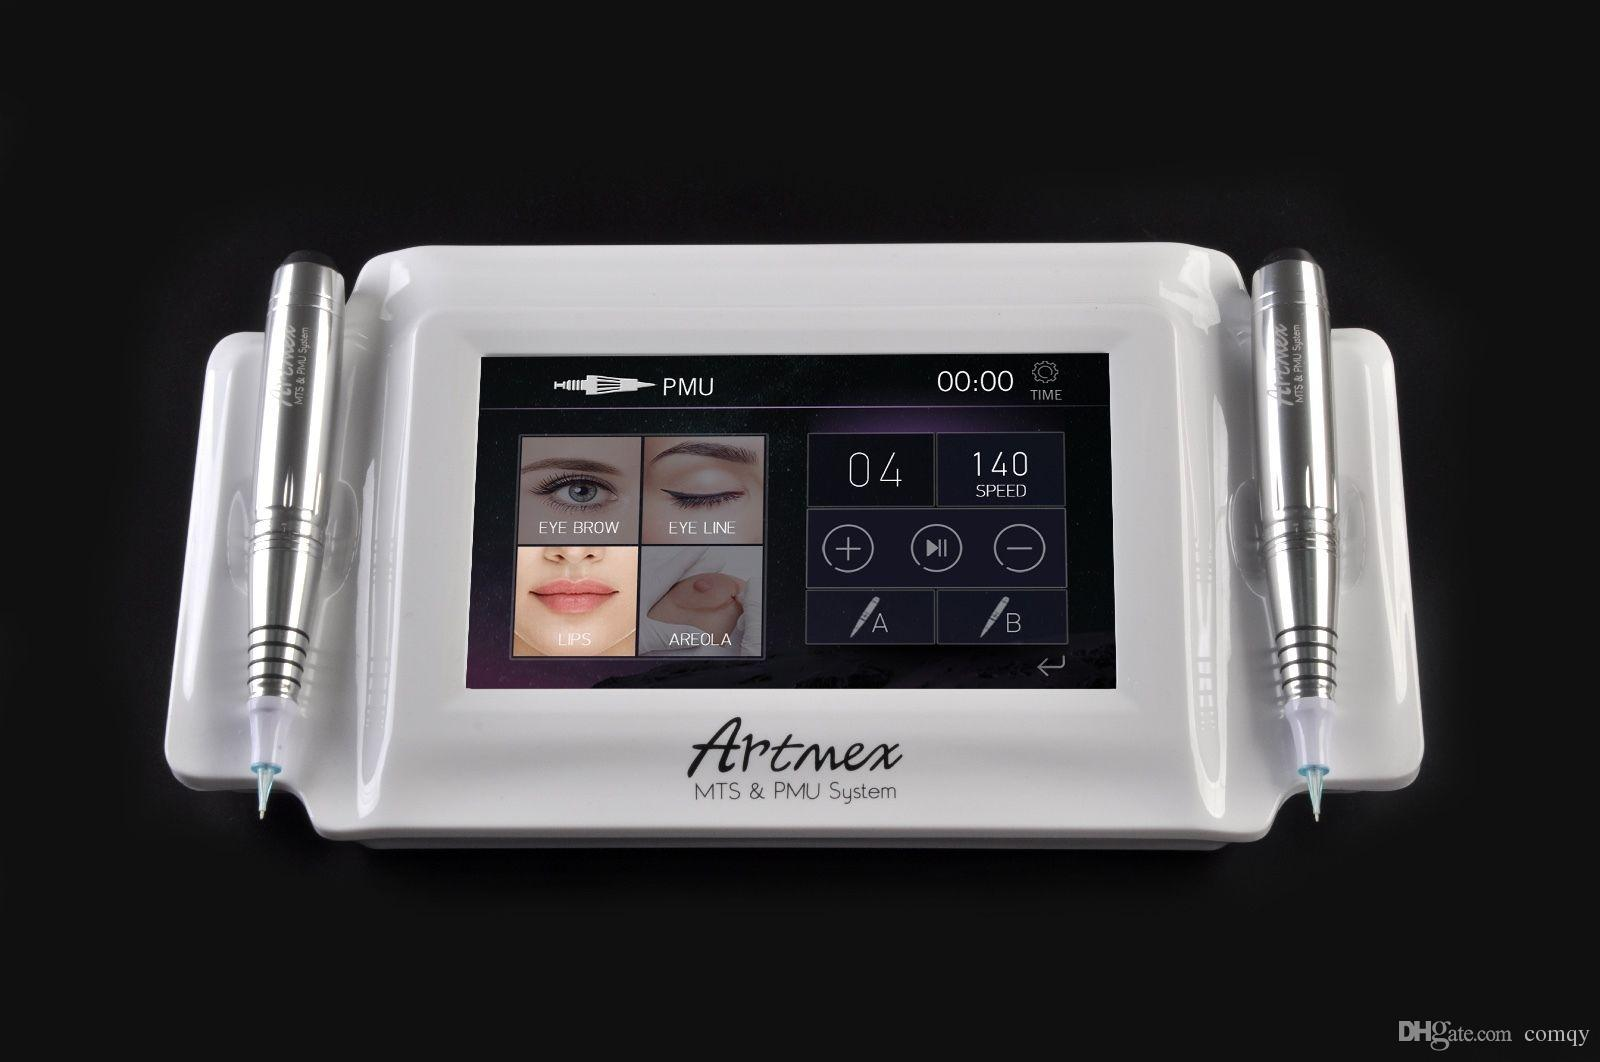 المحمولة المهنية ماكياج الدائم آلة الوشم الرقمية Artmex v8 ديرما القلم لمس الشاشة الحاجب الشابة mts pmu العناية بالبشرة الجمال